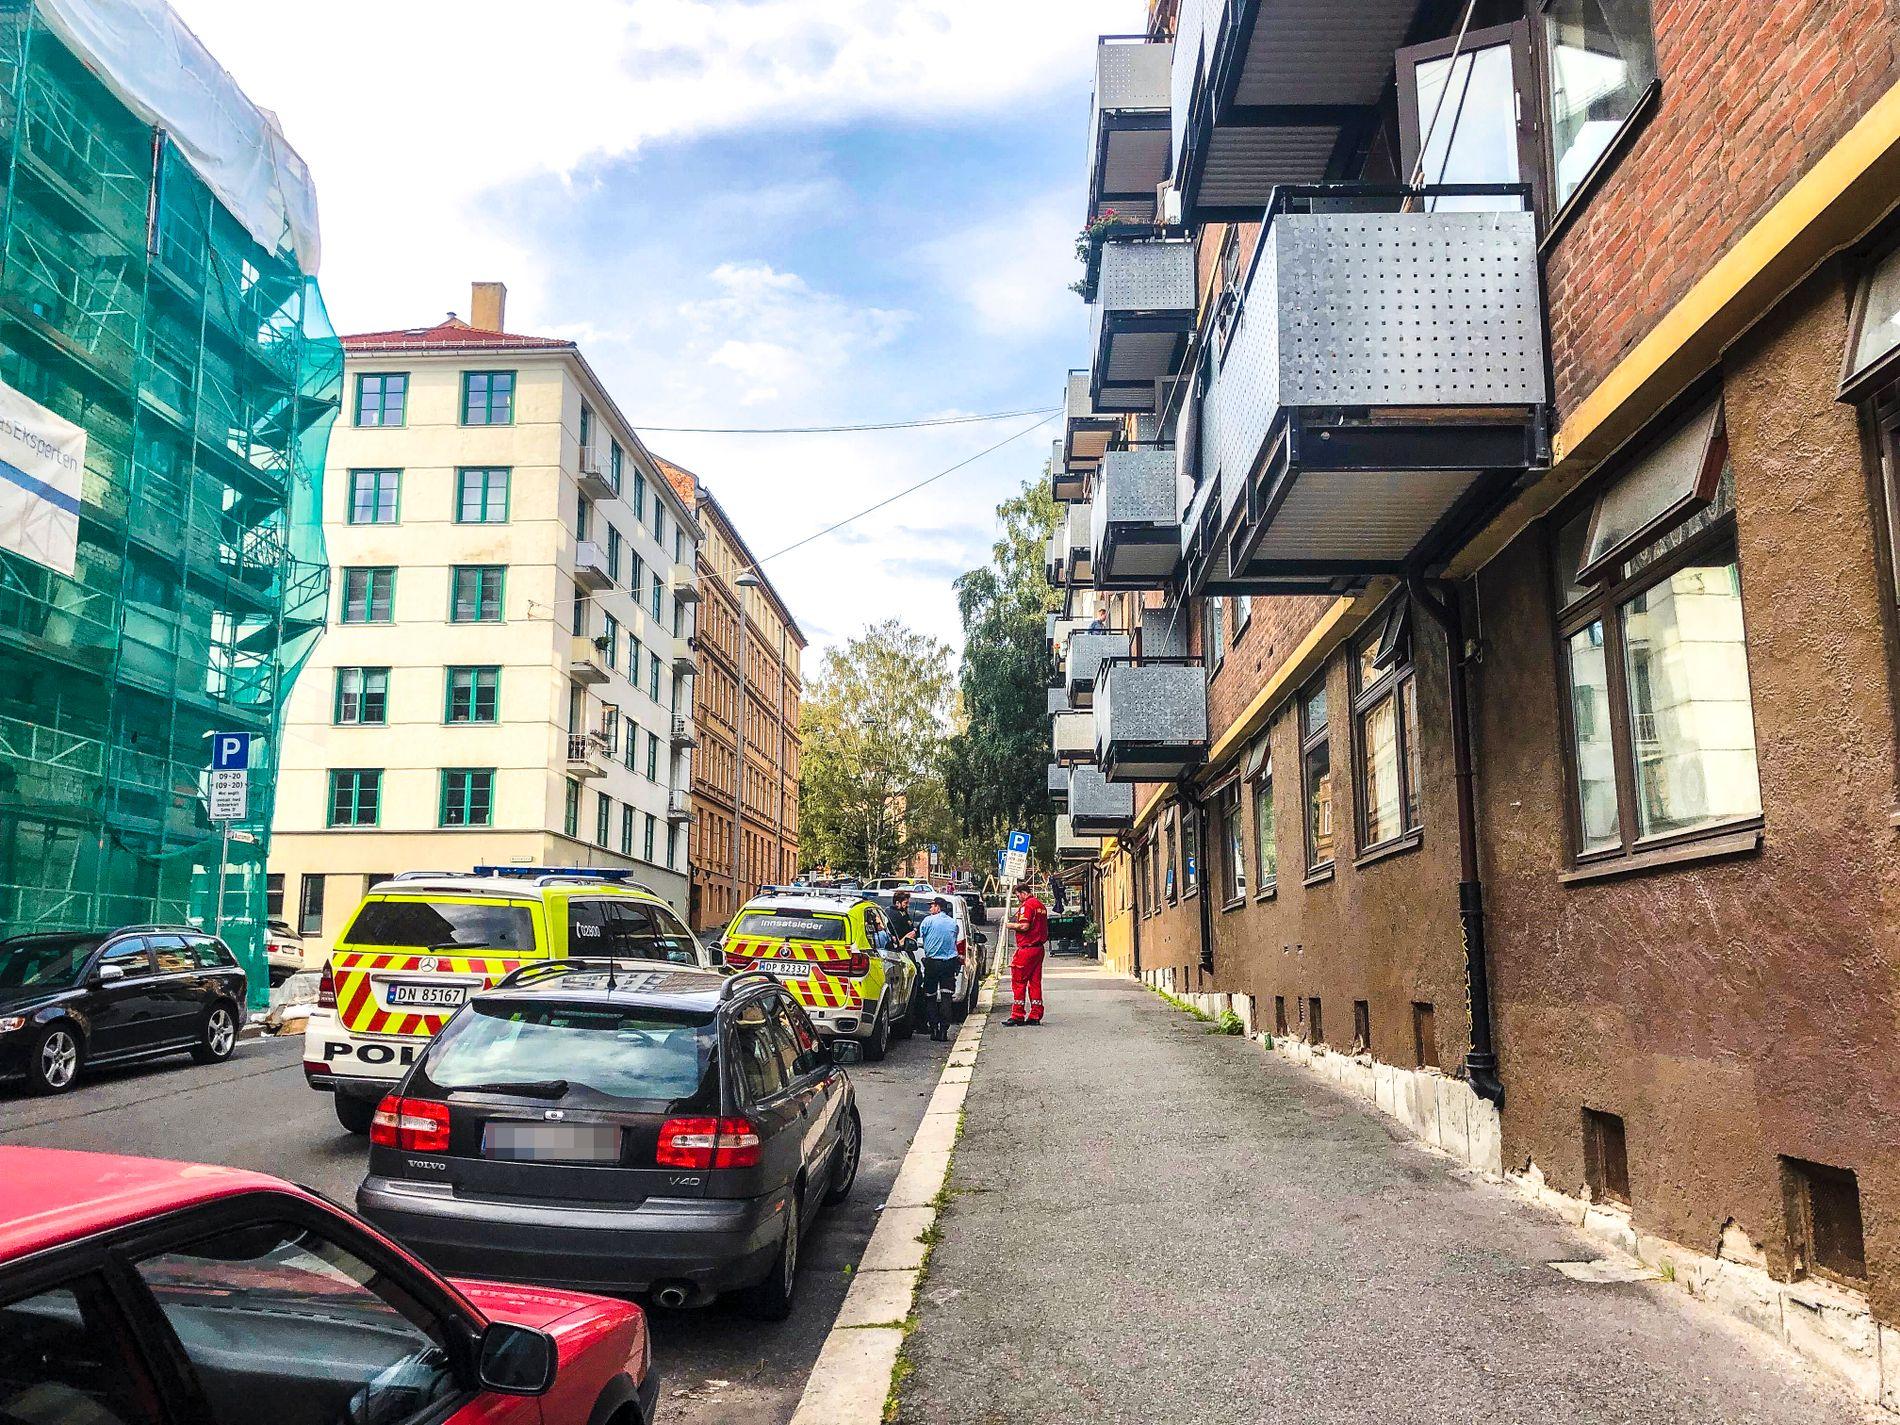 BALKONG: Skuddet skal ha blitt avfyrt fra en balkong i Christies gate i Oslo.